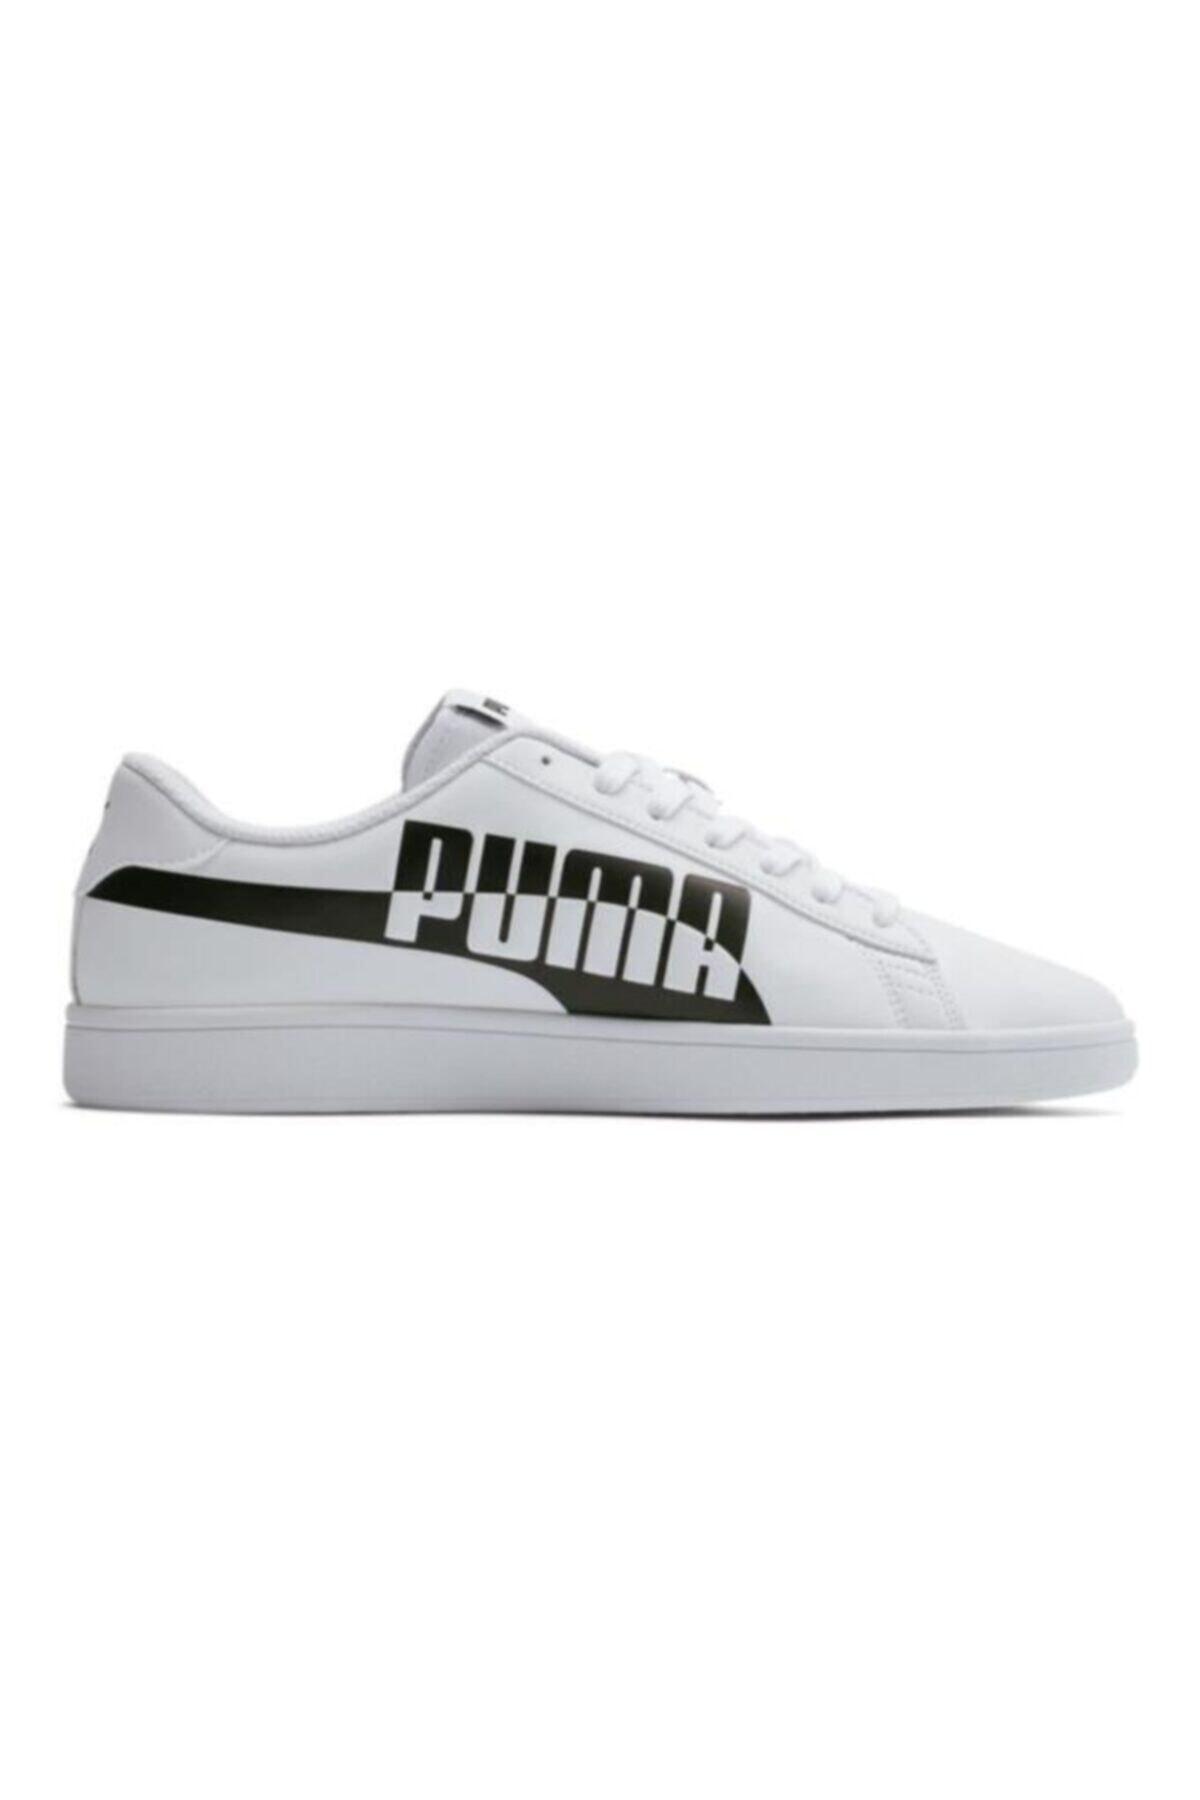 ست کفش اسپرت طرح Smash مردانه برند Puma کد ty35818068